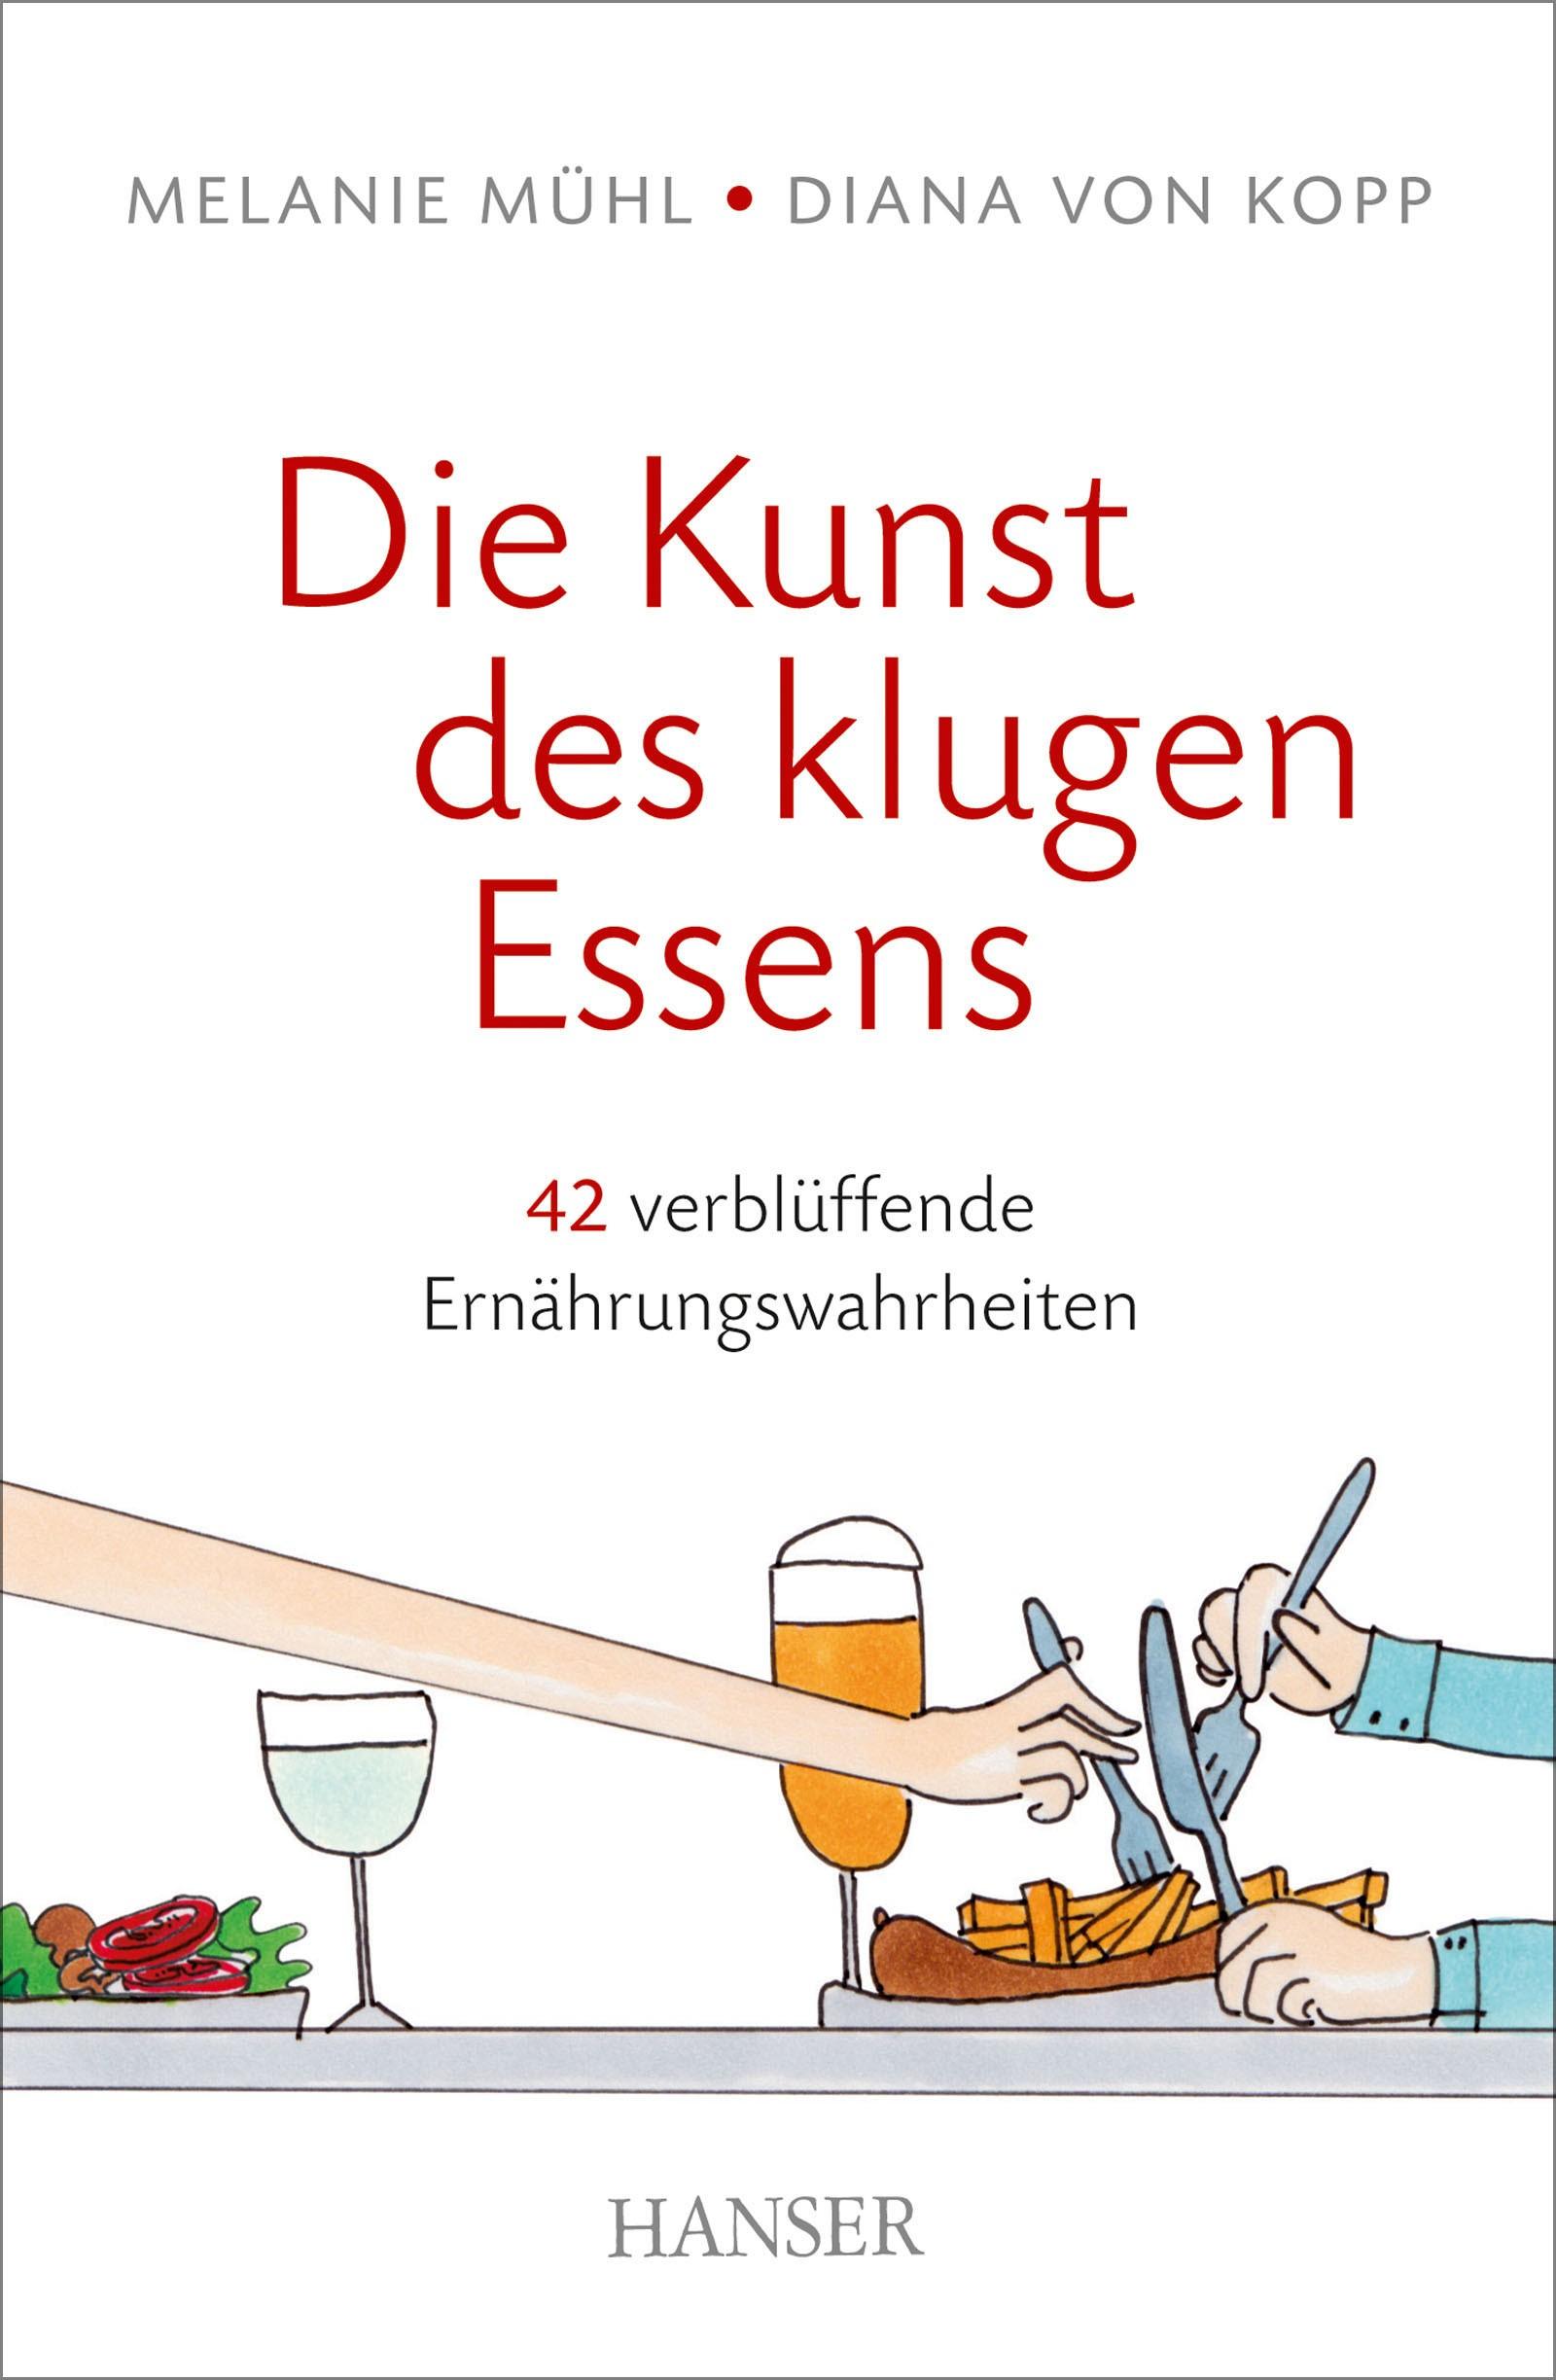 Die Kunst des klugen Essens   Mühl / von Kopp, 2016   Buch (Cover)